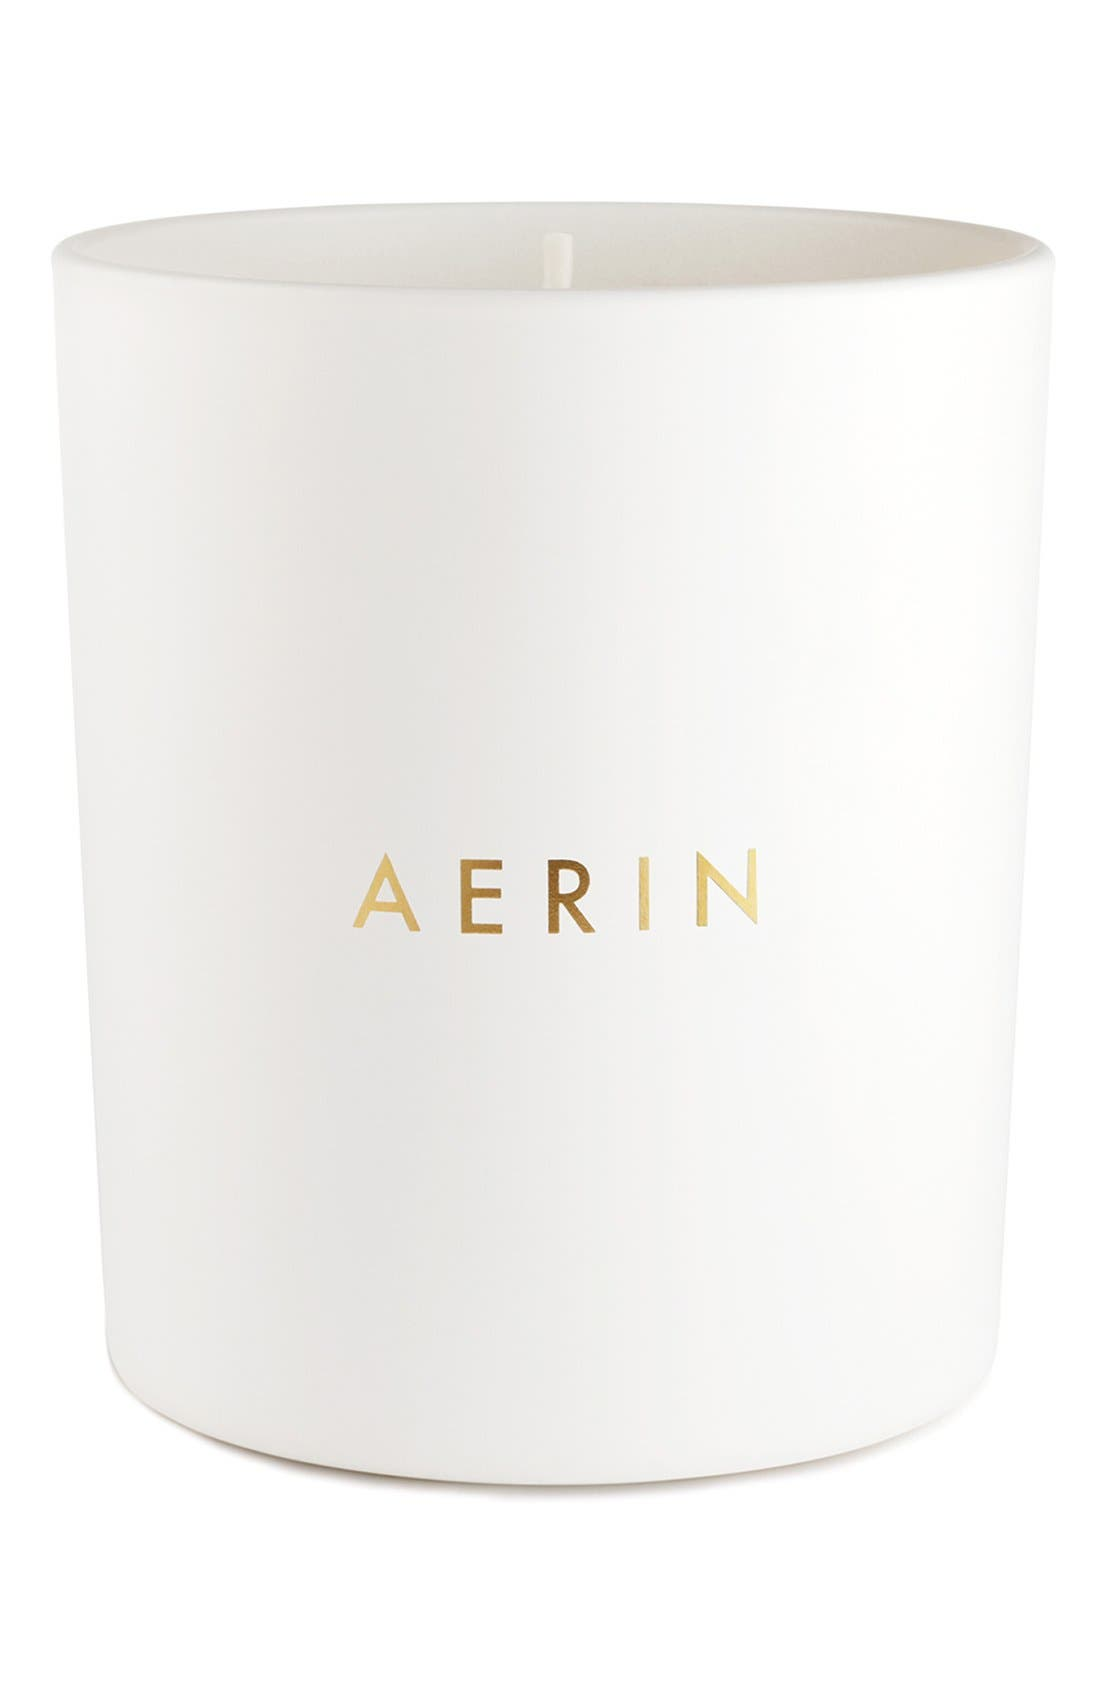 AERIN Beauty Rose de Grasse Candle,                         Main,                         color, NO COLOR